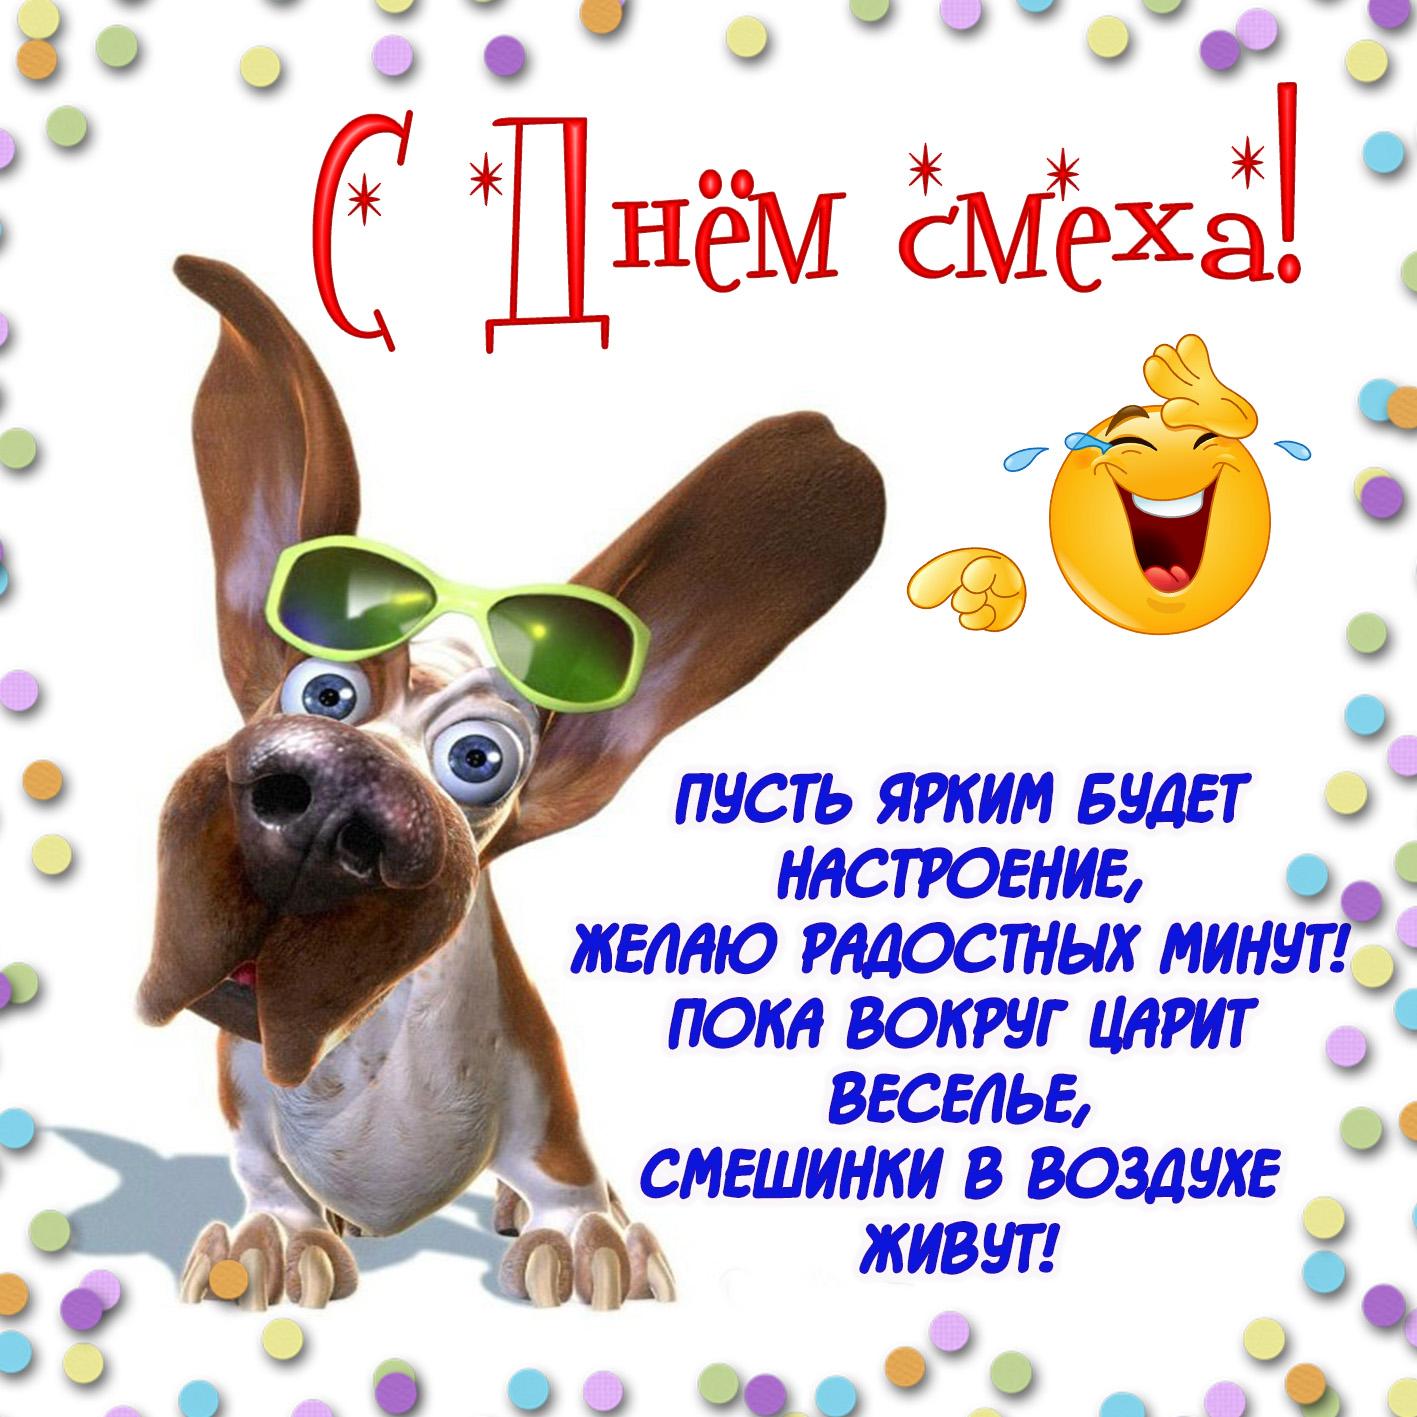 Картинка с забавной собачкой на День смеха